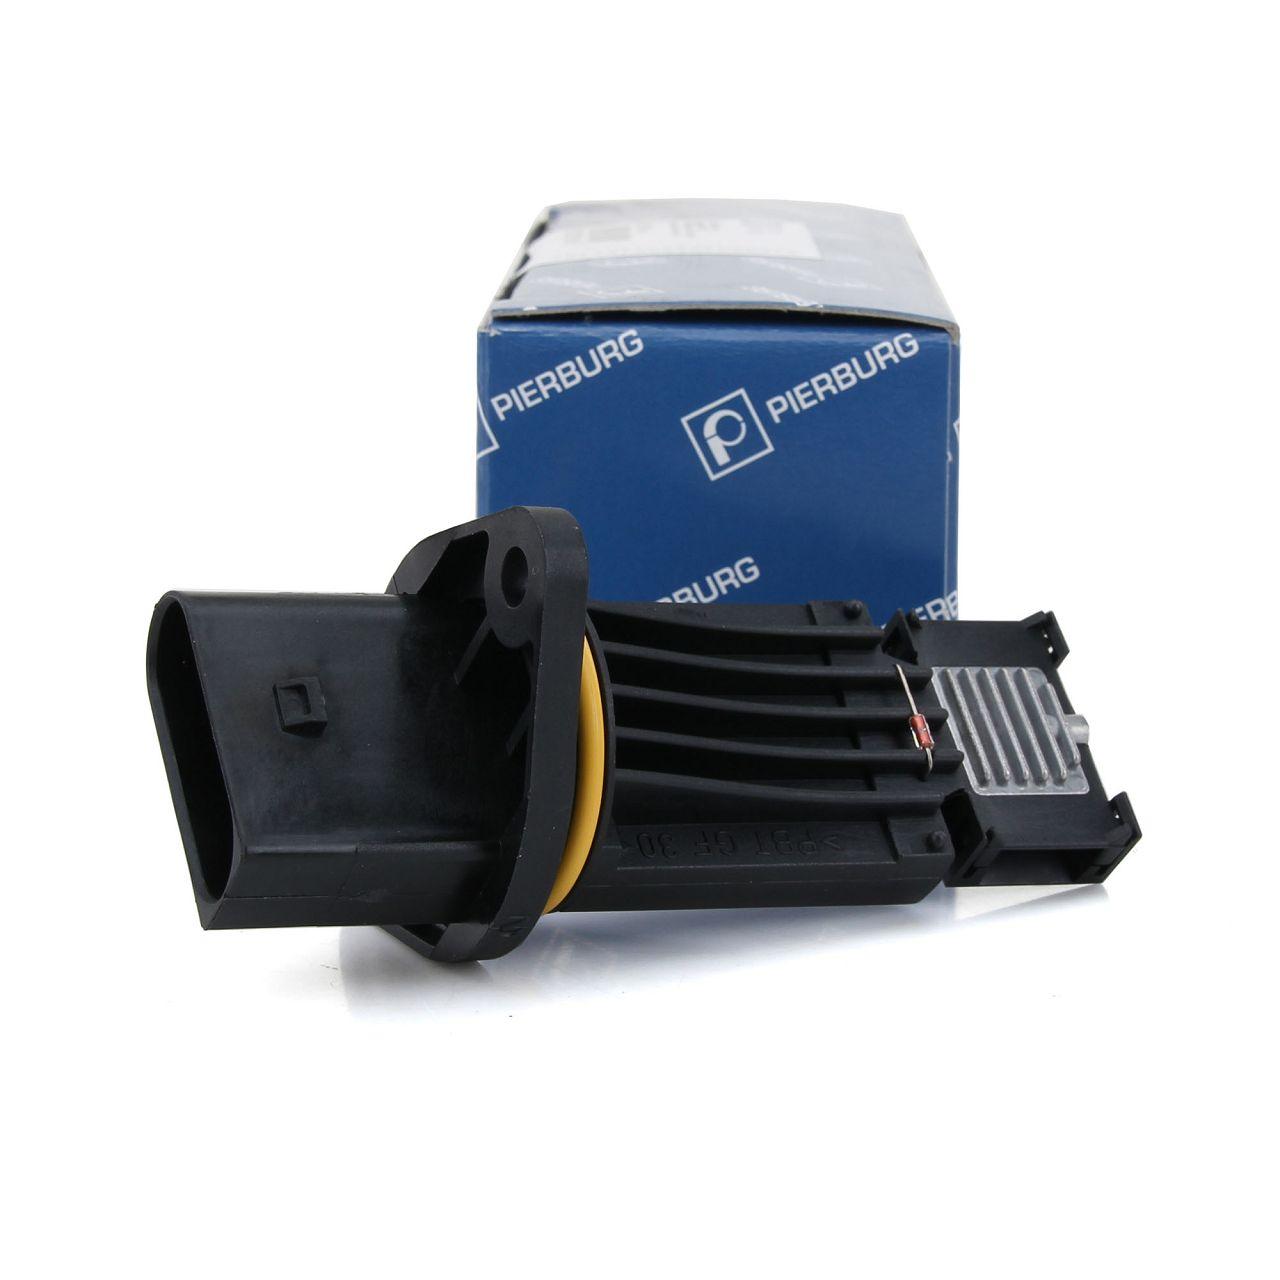 PIERBURG Luftmassenmesser Luftmengenmesser LMM Sensor für Audi Seat Skoda VW